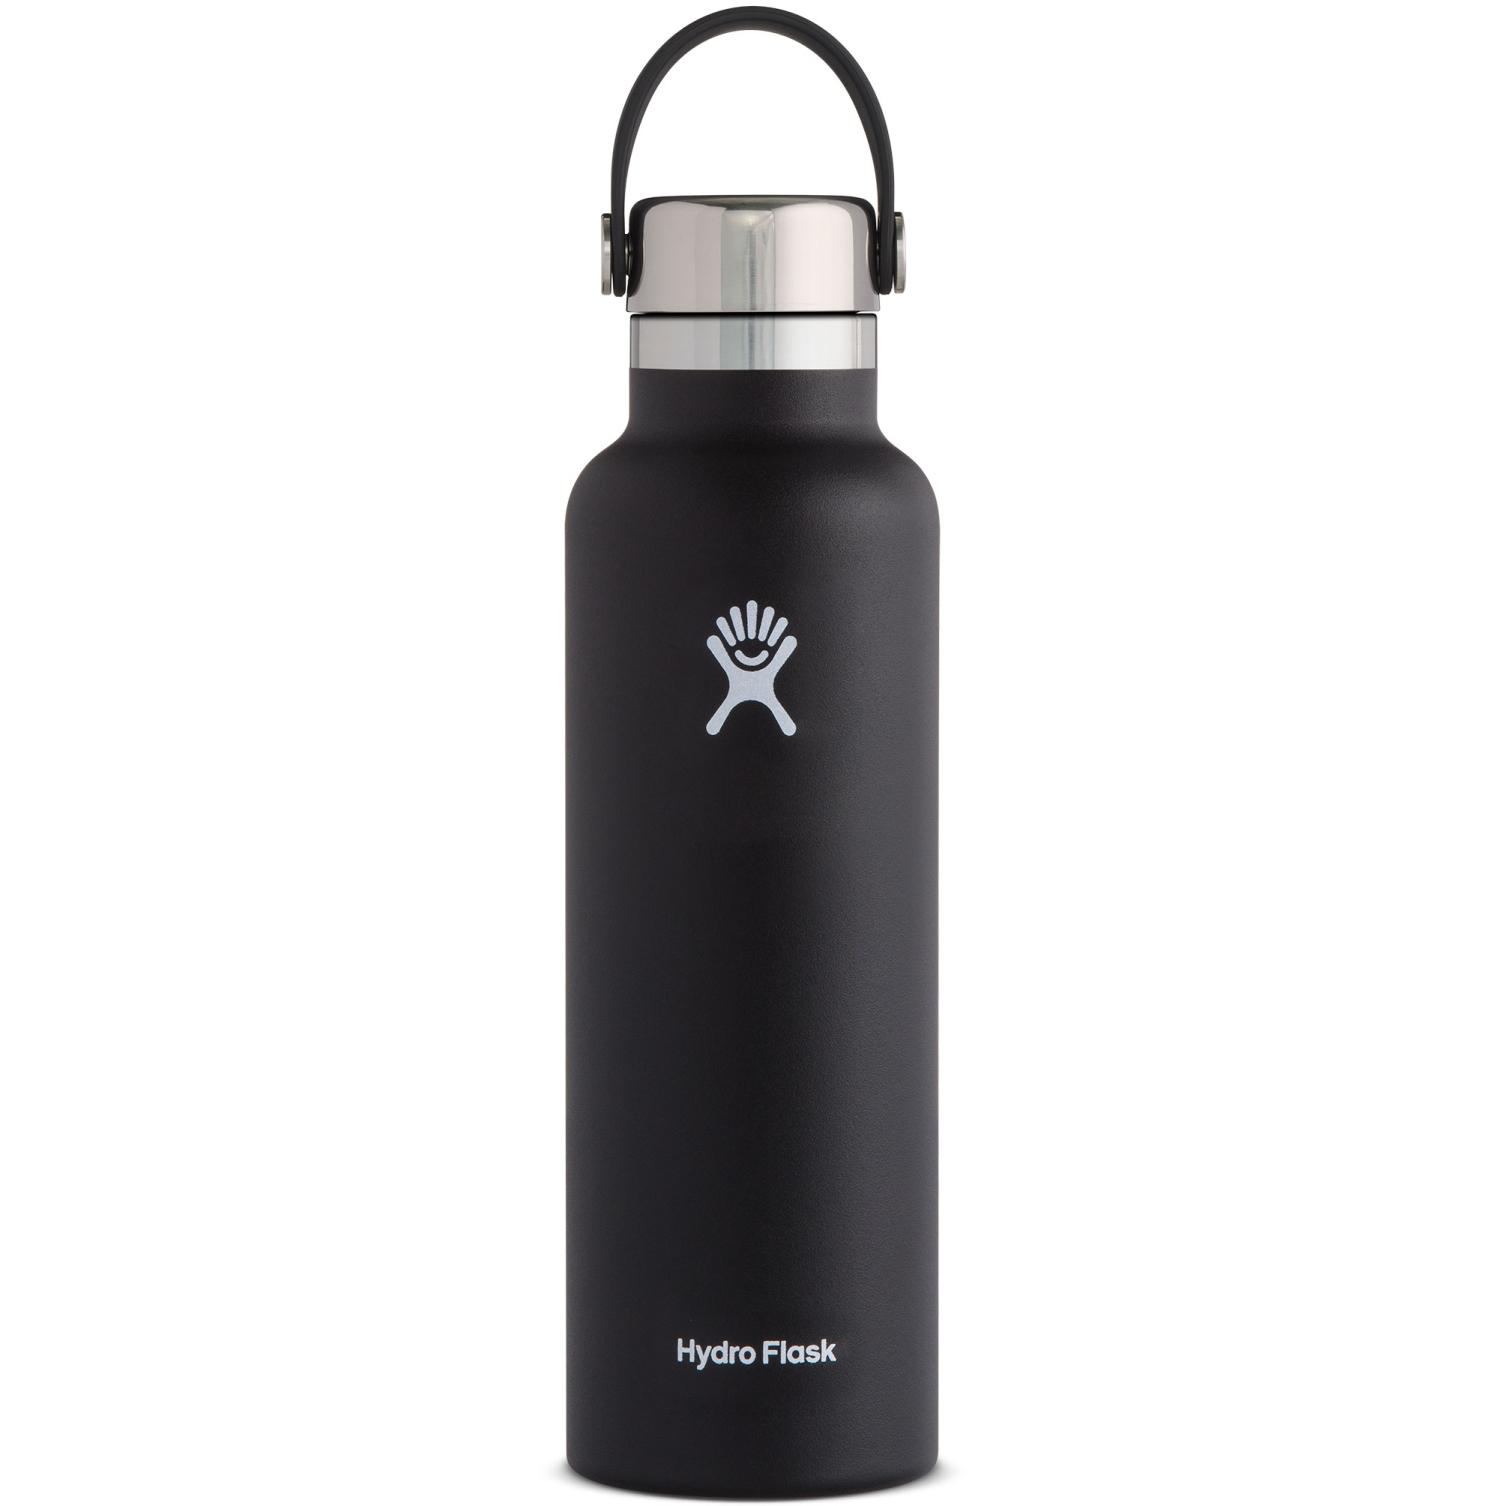 Produktbild von Hydro Flask 21oz Standard Mouth Cap Stainless Steel Thermoflasche - 621ml - schwarz